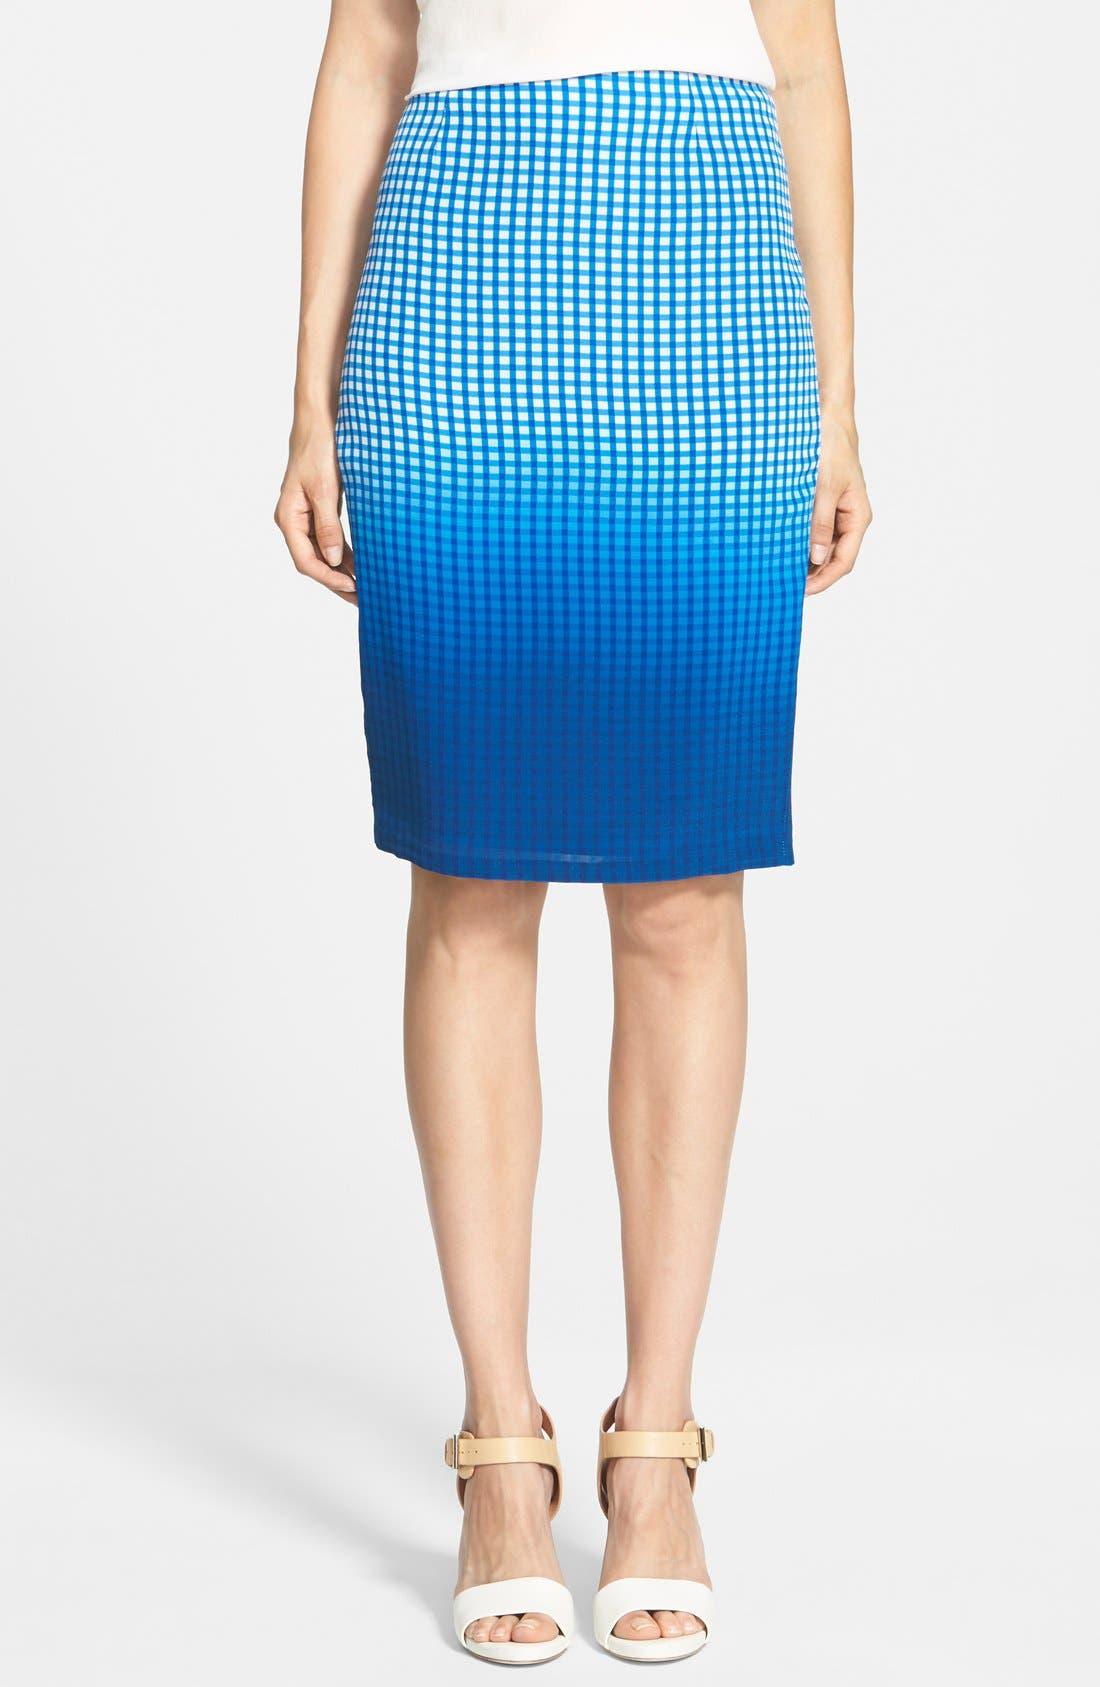 Main Image - Bailey 44 'Astley' Dip Dye Check Silk Pencil Skirt